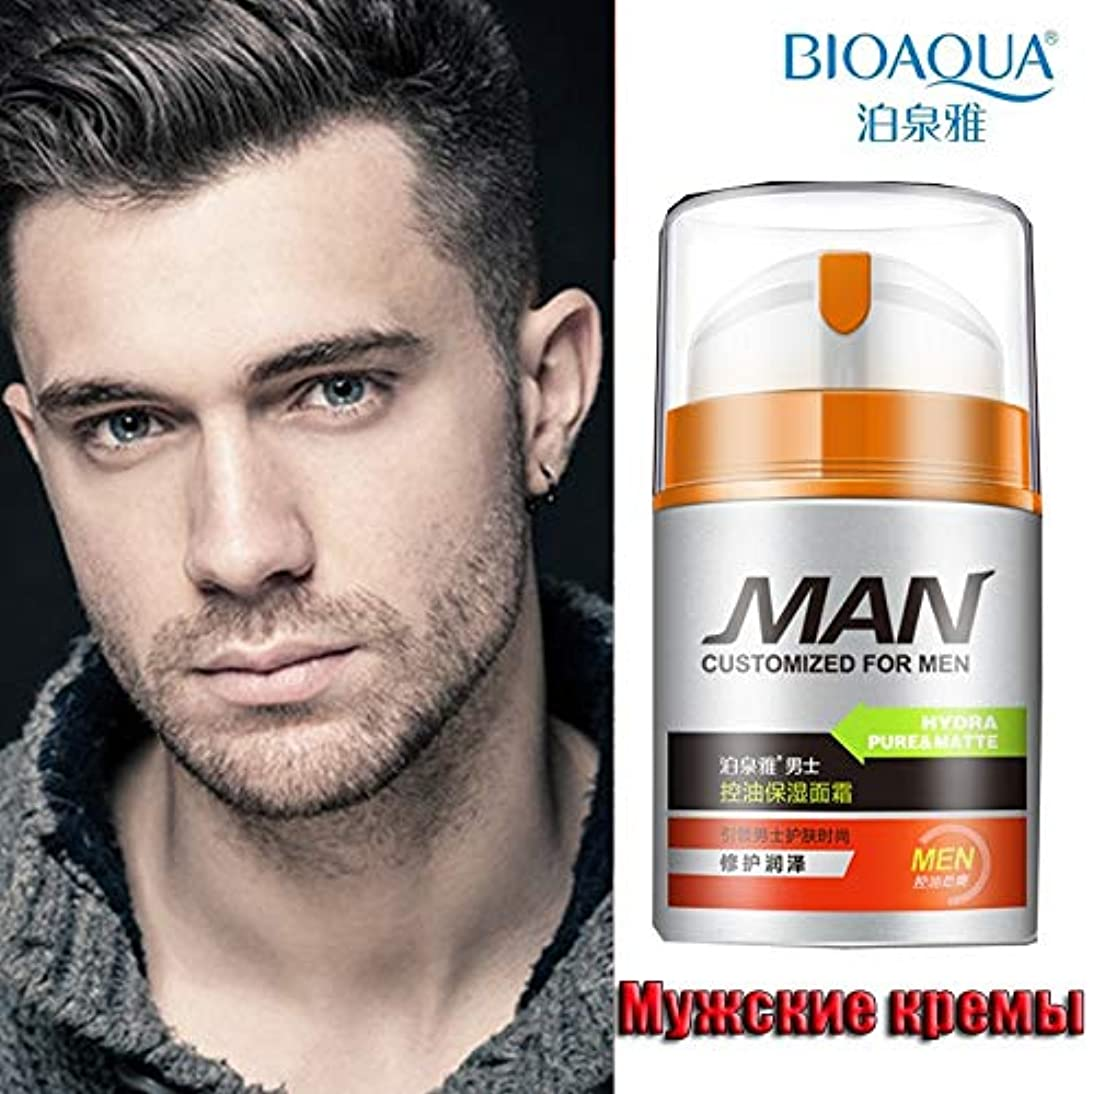 鮮やかな膨張する計画Bioaquaフェイスケアダイナミック男性保湿クリーム保湿アンチリンクルモイスチャライジングミルク男性ケア製品